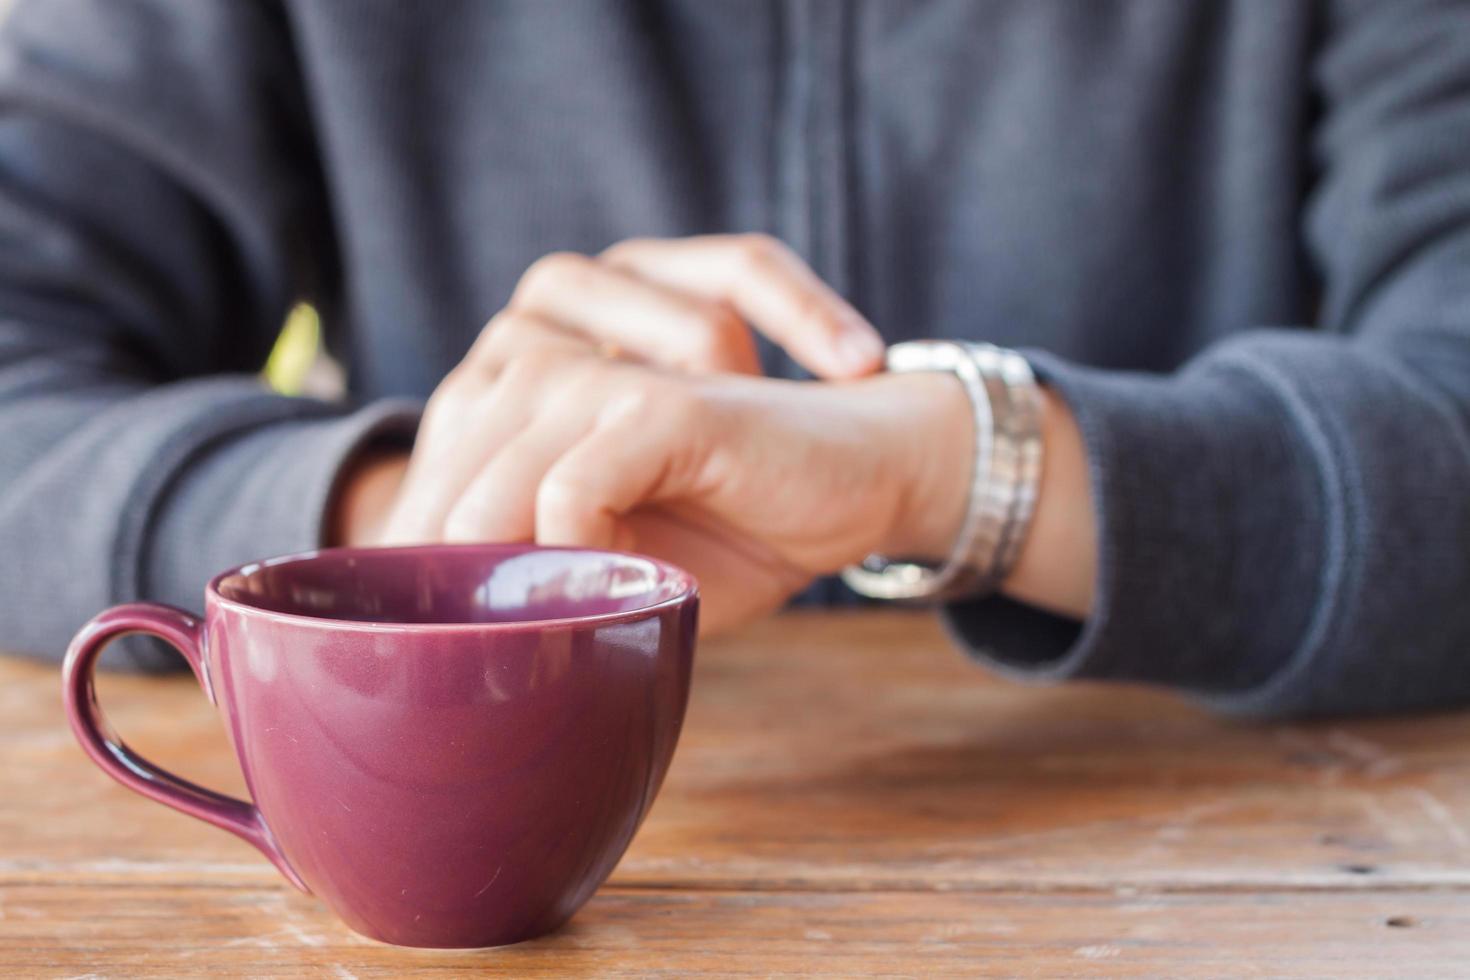 personne vérifiant l'heure avec une tasse de café photo